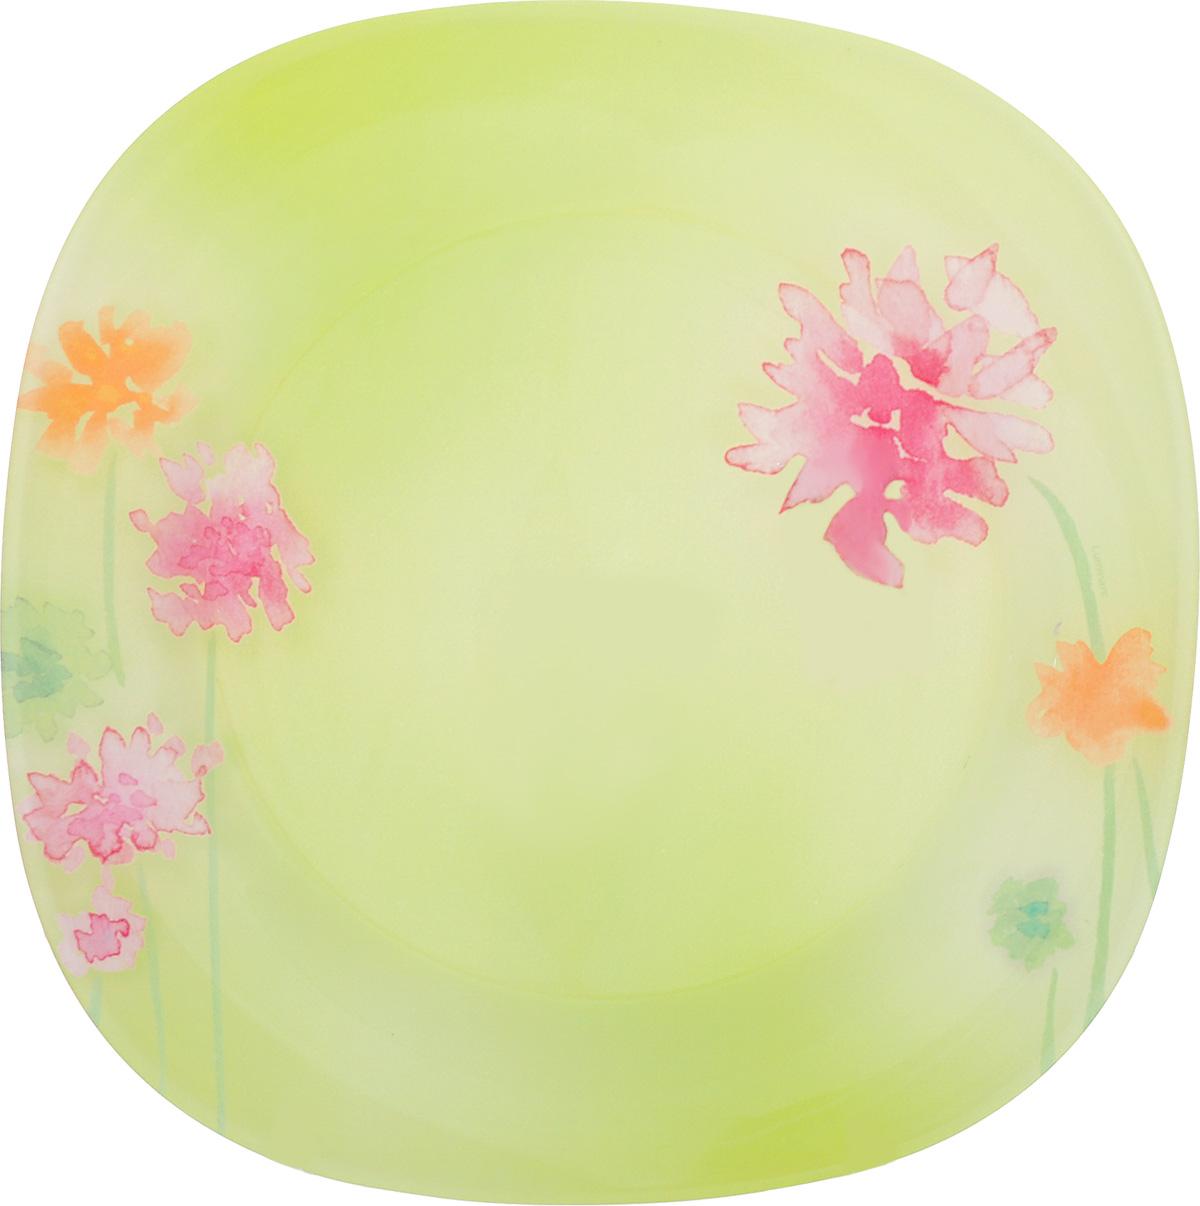 Тарелка обеденная Luminarc Angel Green, 25 см х 25 смJ1752Обеденная тарелка Luminarc Angel Green, изготовленная из высококачественного стекла, декорирована оригинальным цветочным рисунком. Яркий дизайн придется по вкусу и ценителям классики, и тем, кто предпочитает утонченность и изысканность. Тарелка Luminarc Angel Green идеально подойдет для сервировки стола и станет отличным подарком к любому празднику. Размер тарелки: 25 см х 25 см.